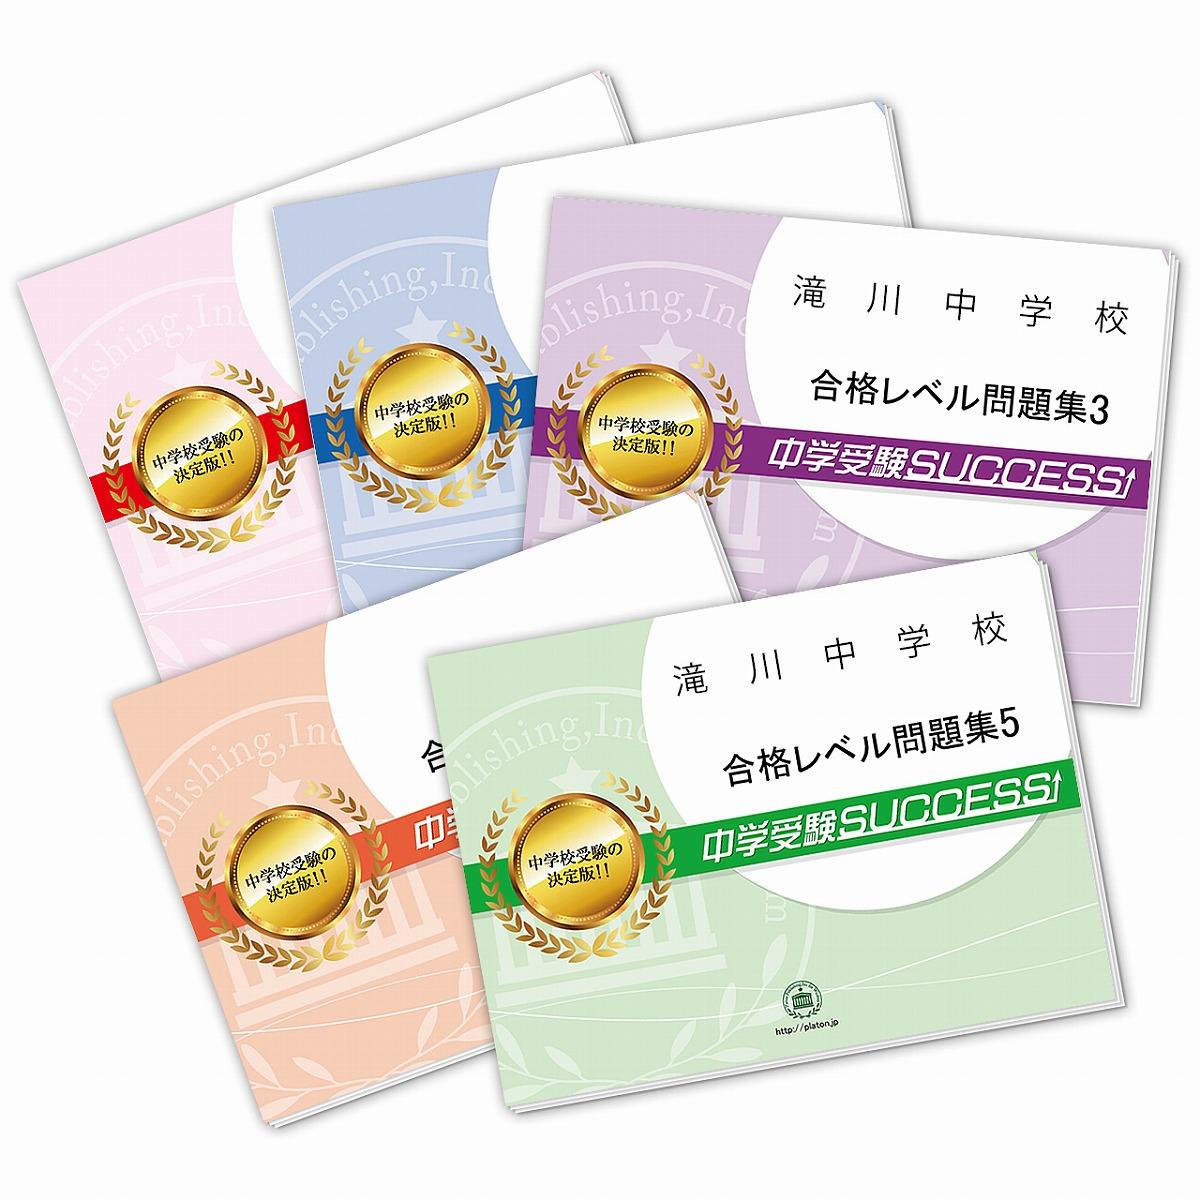 送料 代引手数料無料 卓出 5☆大好評 滝川中学校 直前対策合格セット 5冊